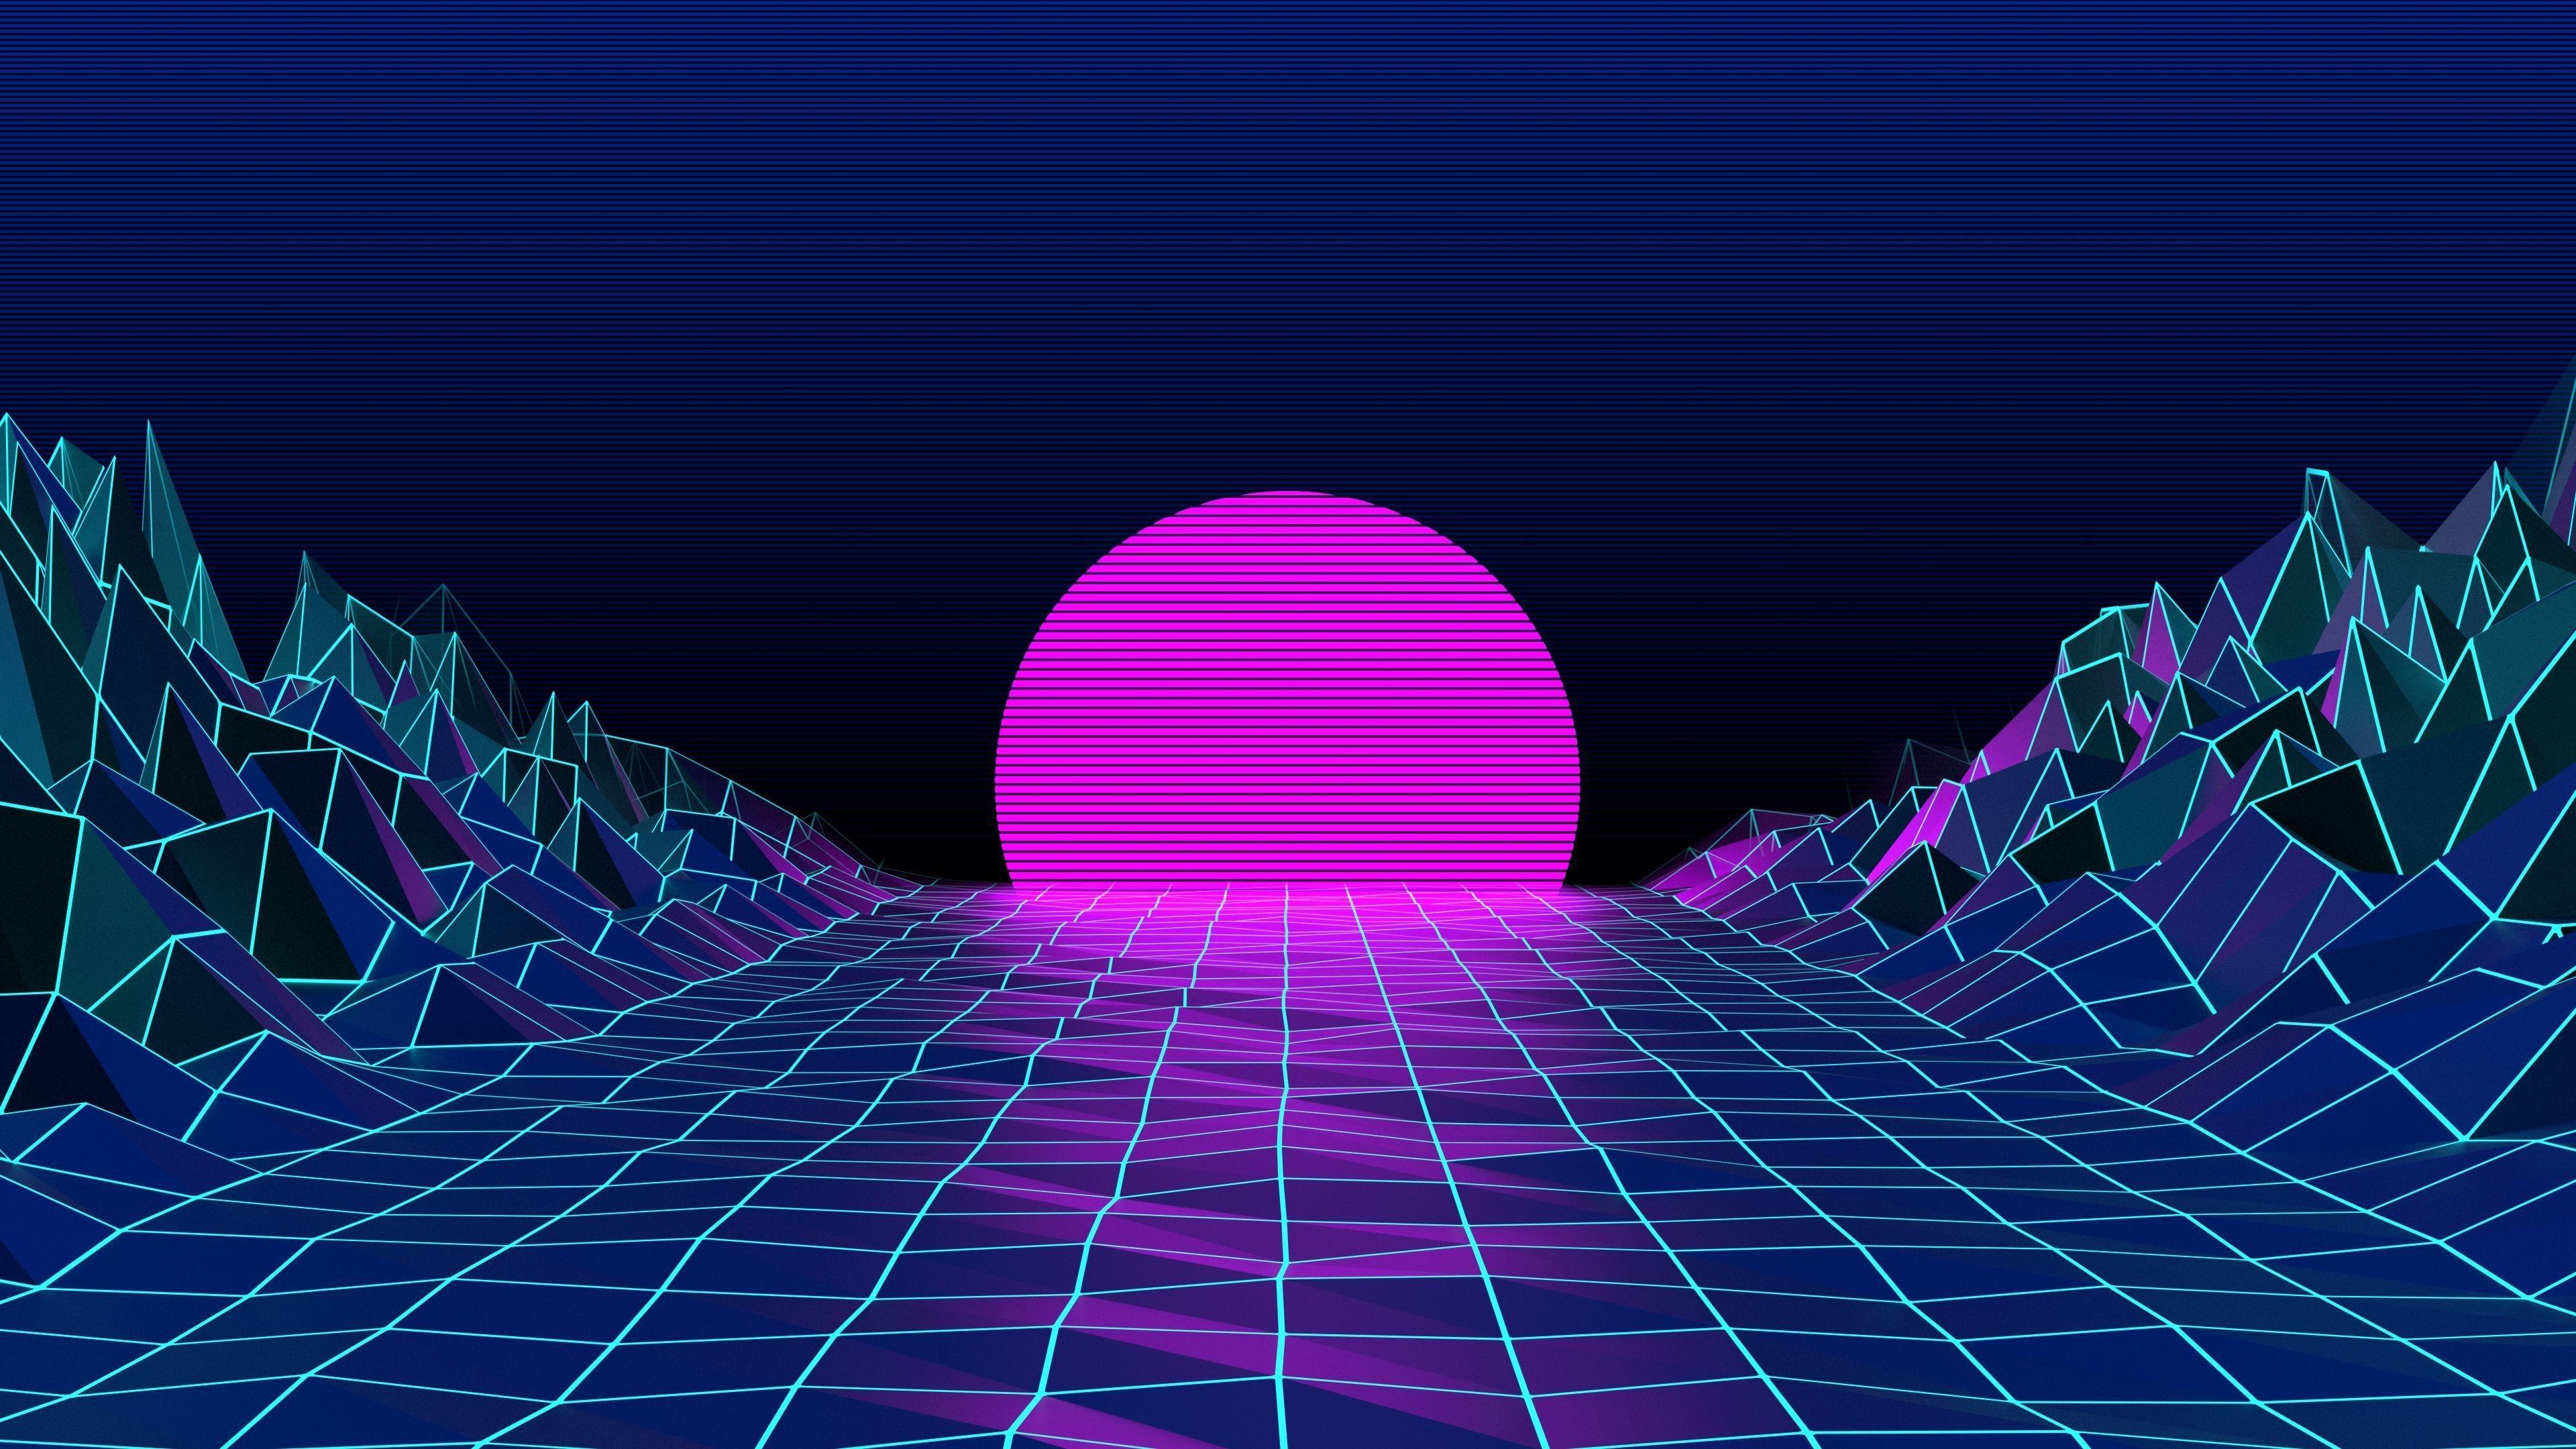 Best Blue Aesthetic Background Tumblr Wallpaper